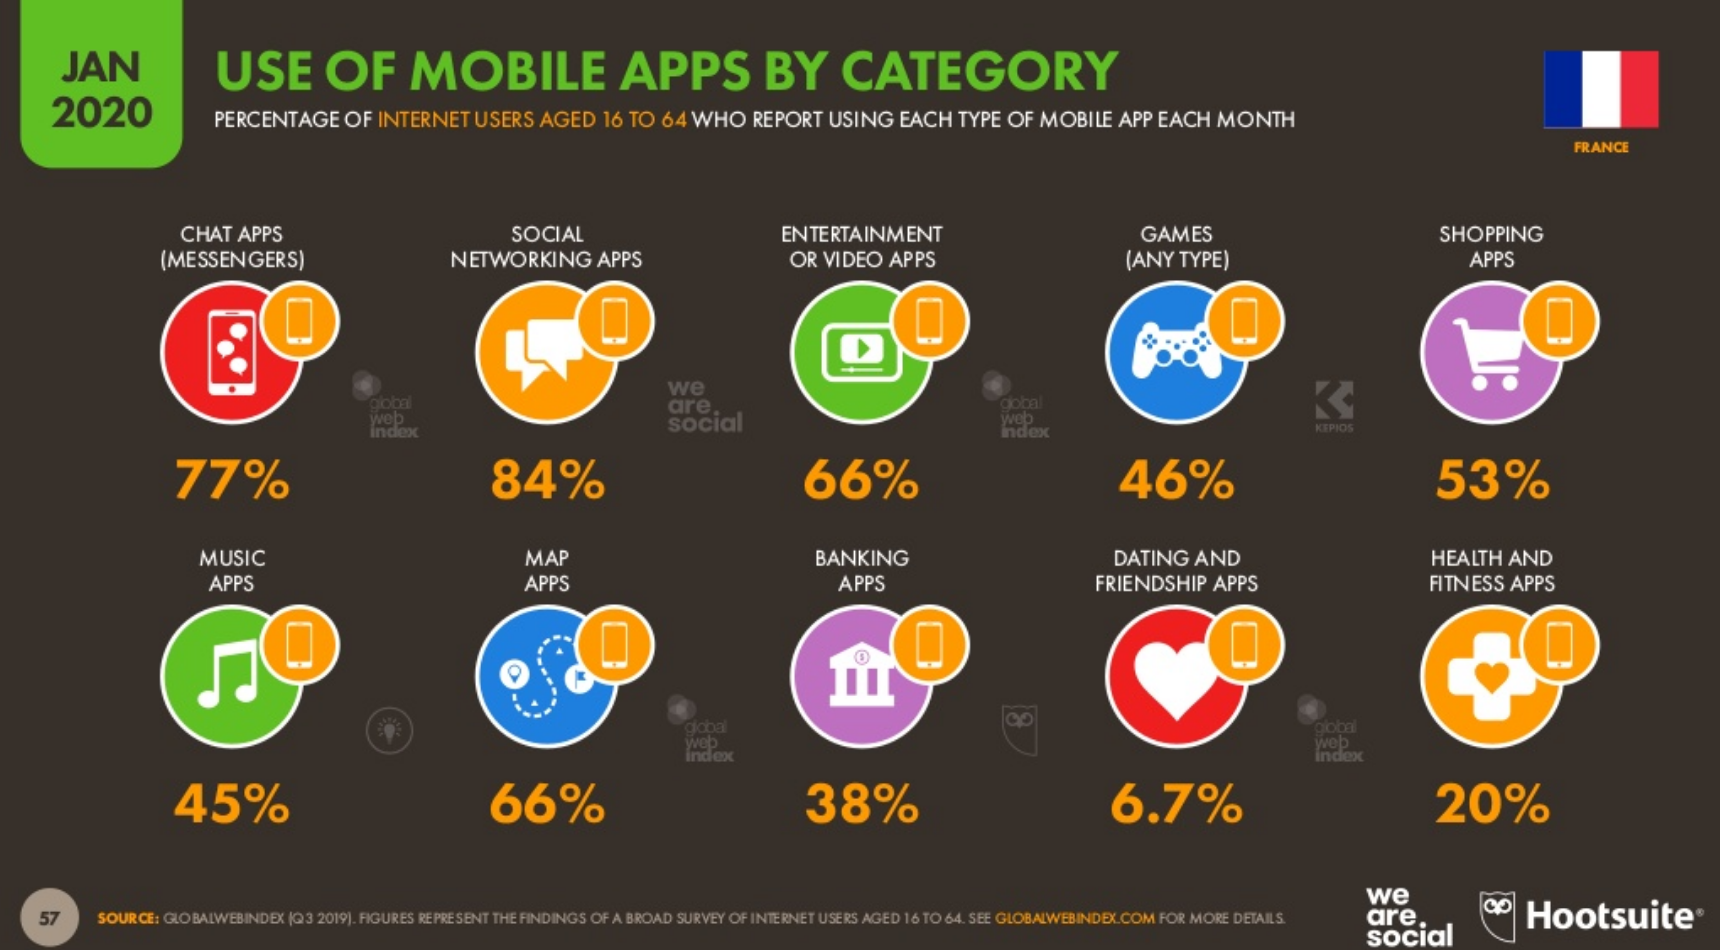 Les chiffres clés de l'usage du mobile en France et en Europe